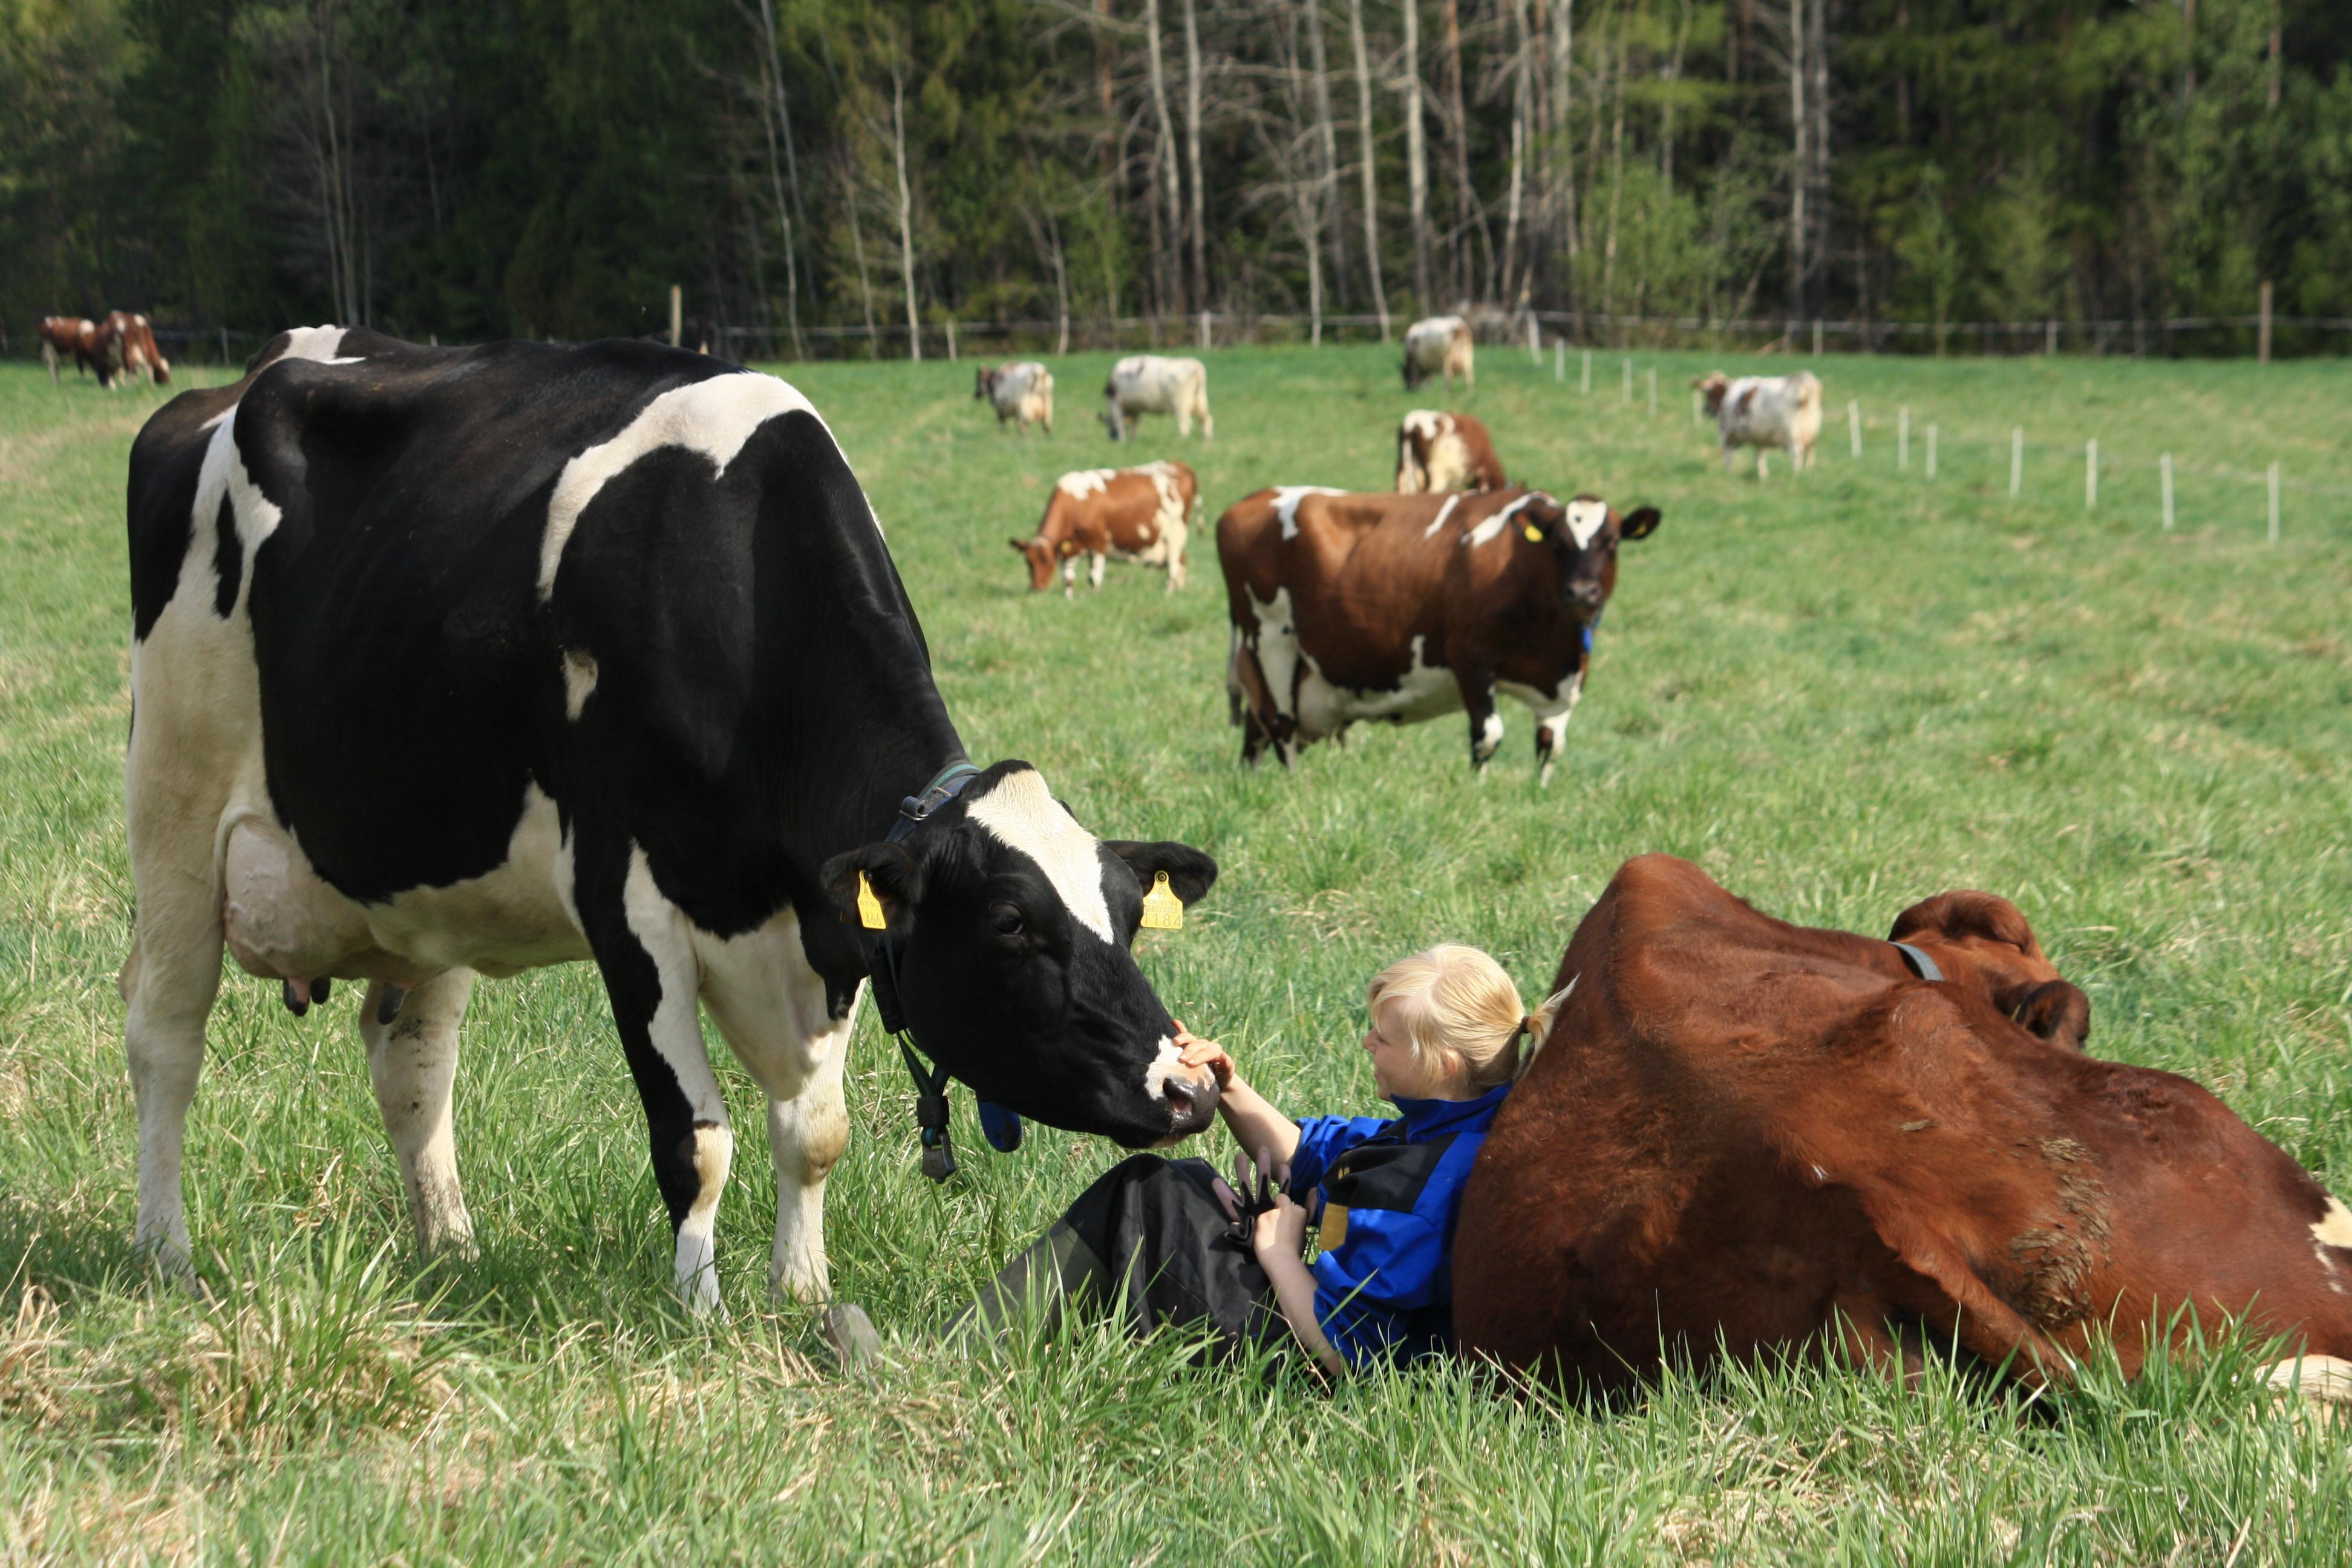 maatalous koulutus